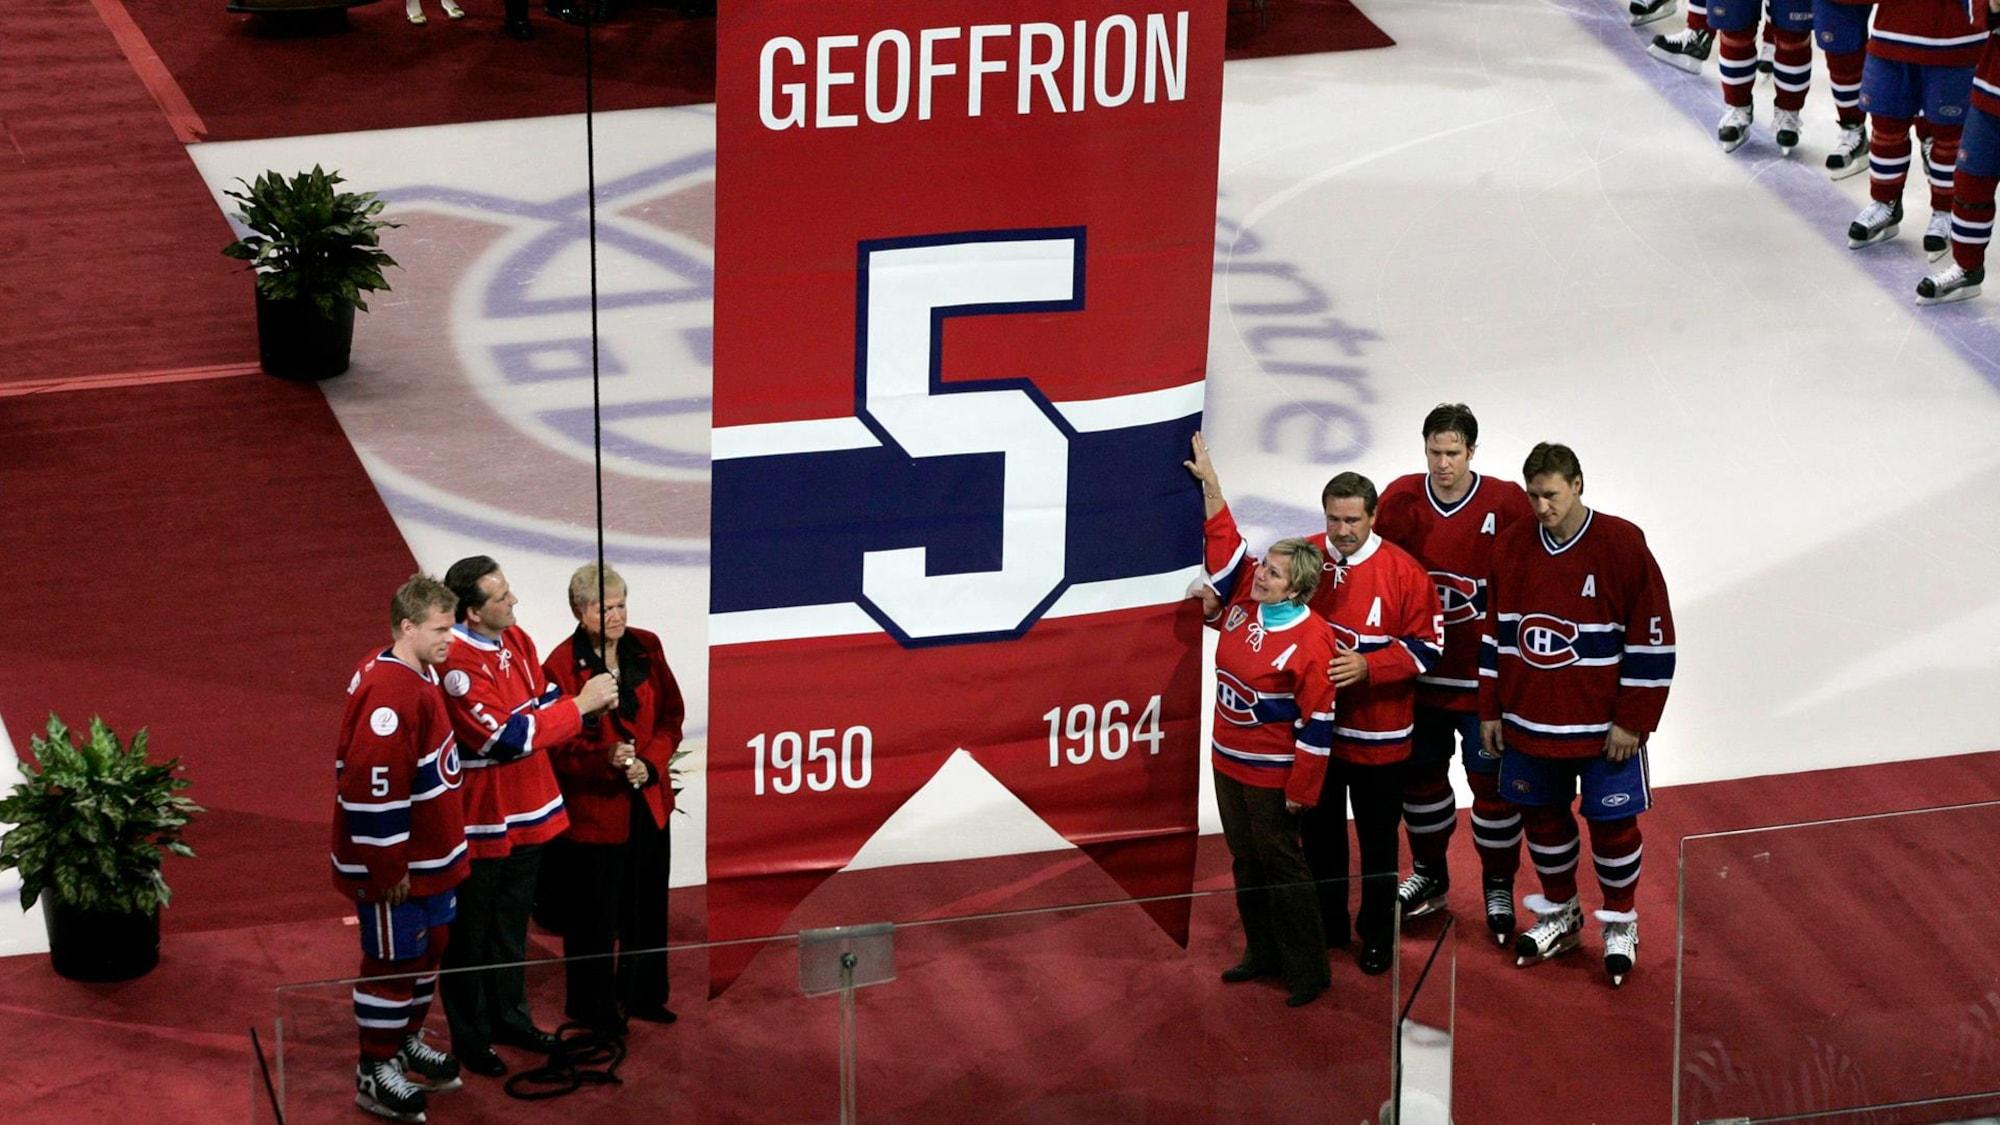 Membres de la famille et joueurs du Canadien se tiennent de chaque côté de la bannière num.ro 5 avant qu'elle soit hissée au plafond.